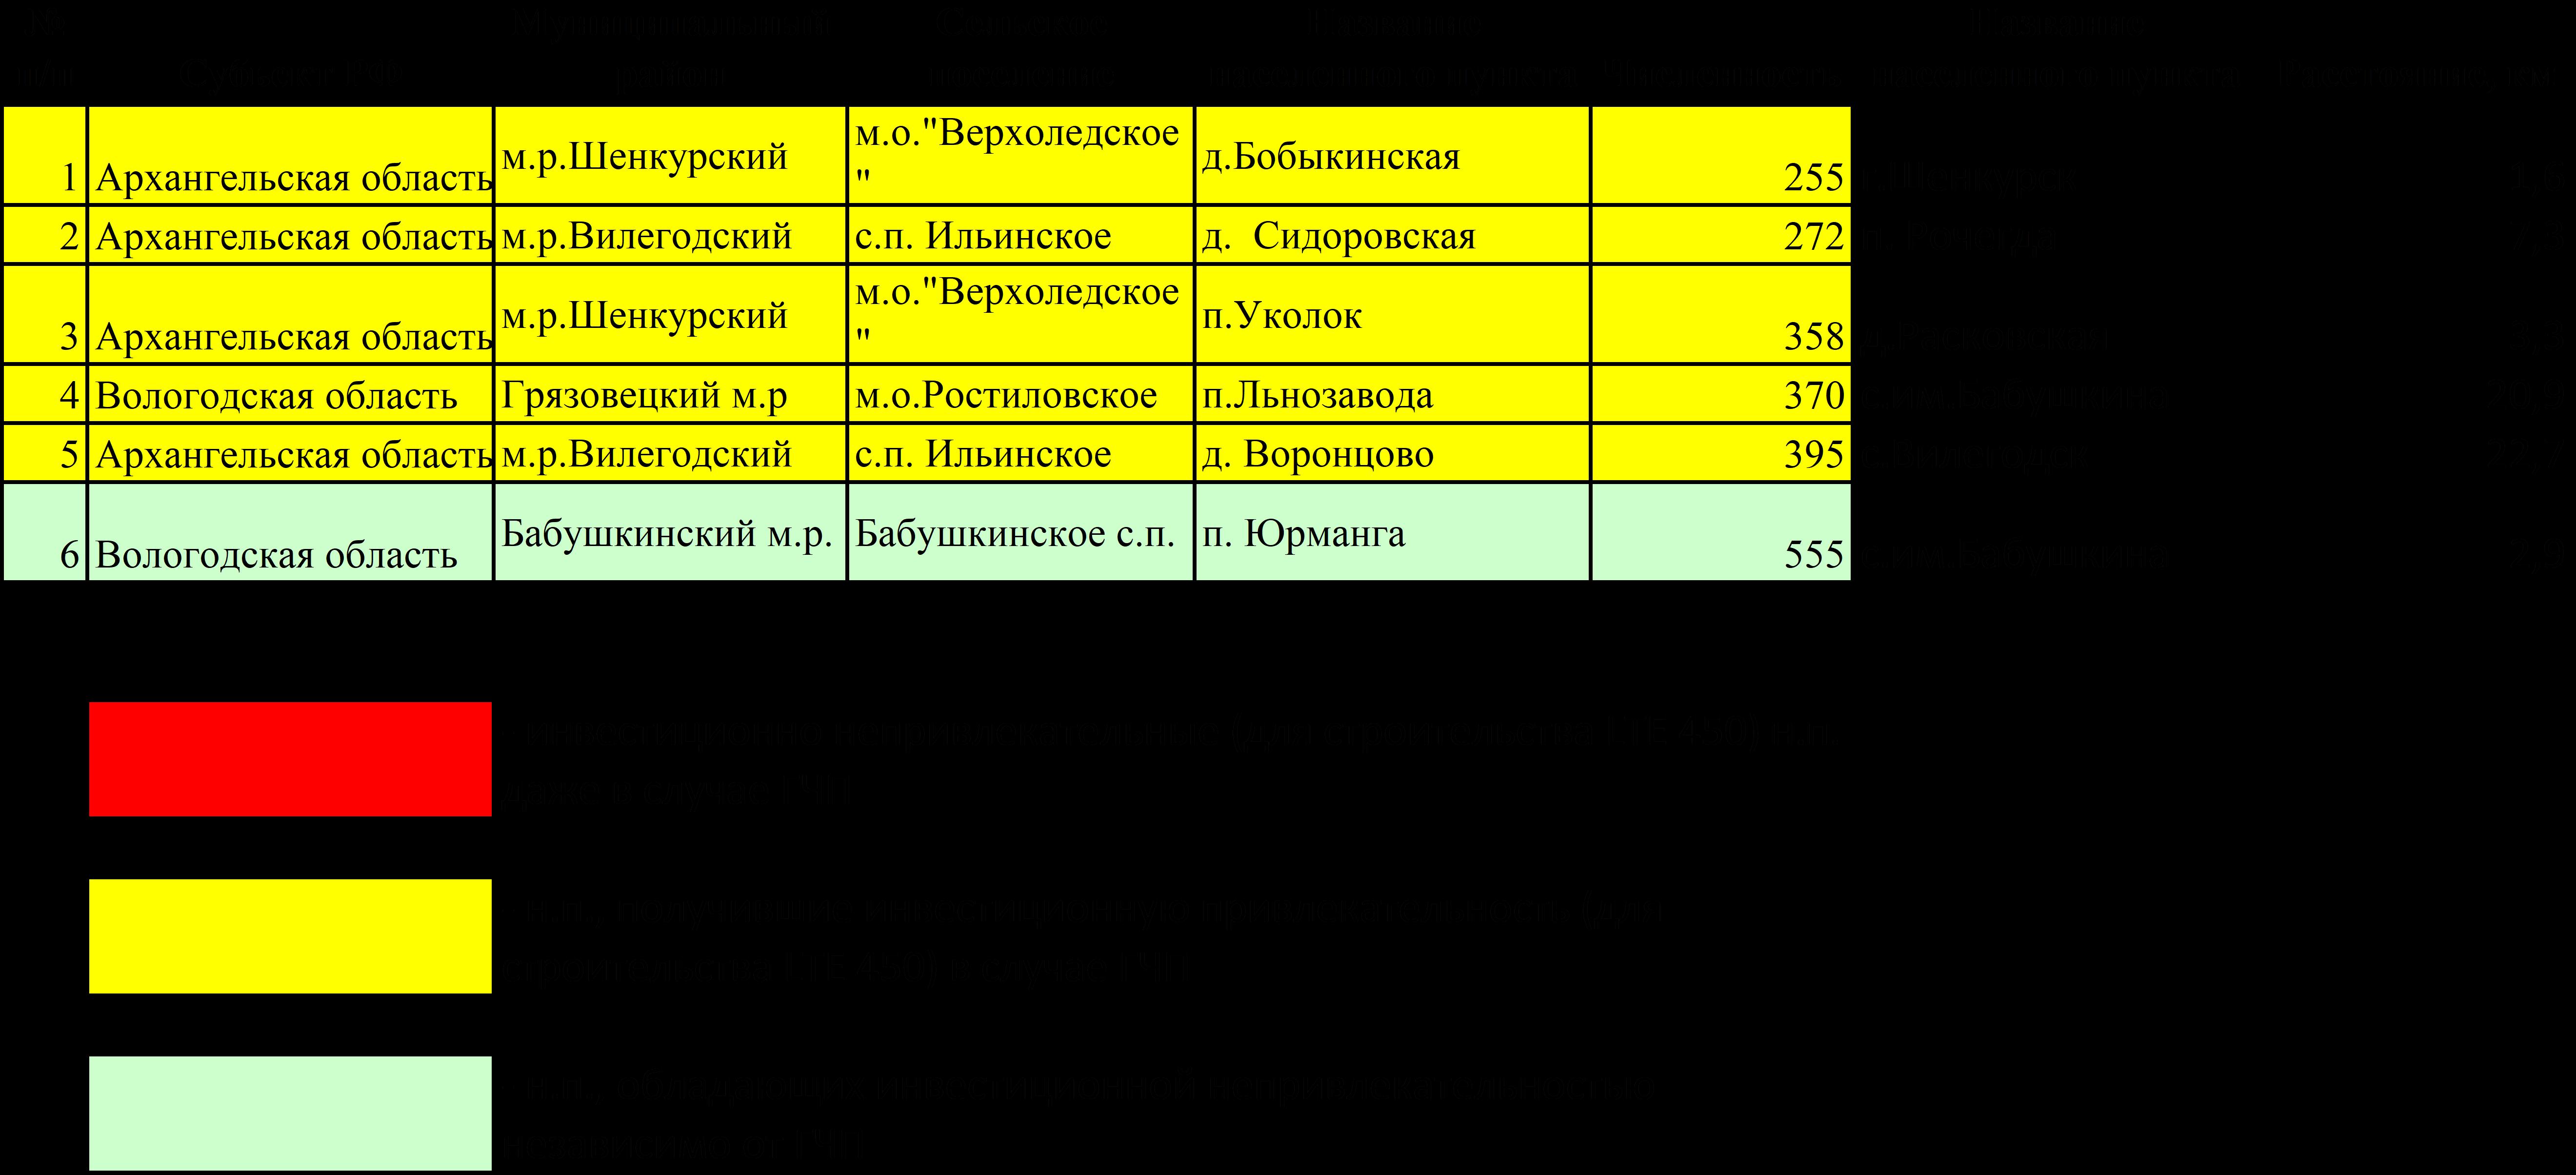 Перечень и характеристика населенных пунктов, вошедших в Программу устранения цифрового неравенства (Северо-Западный федеральный округ)